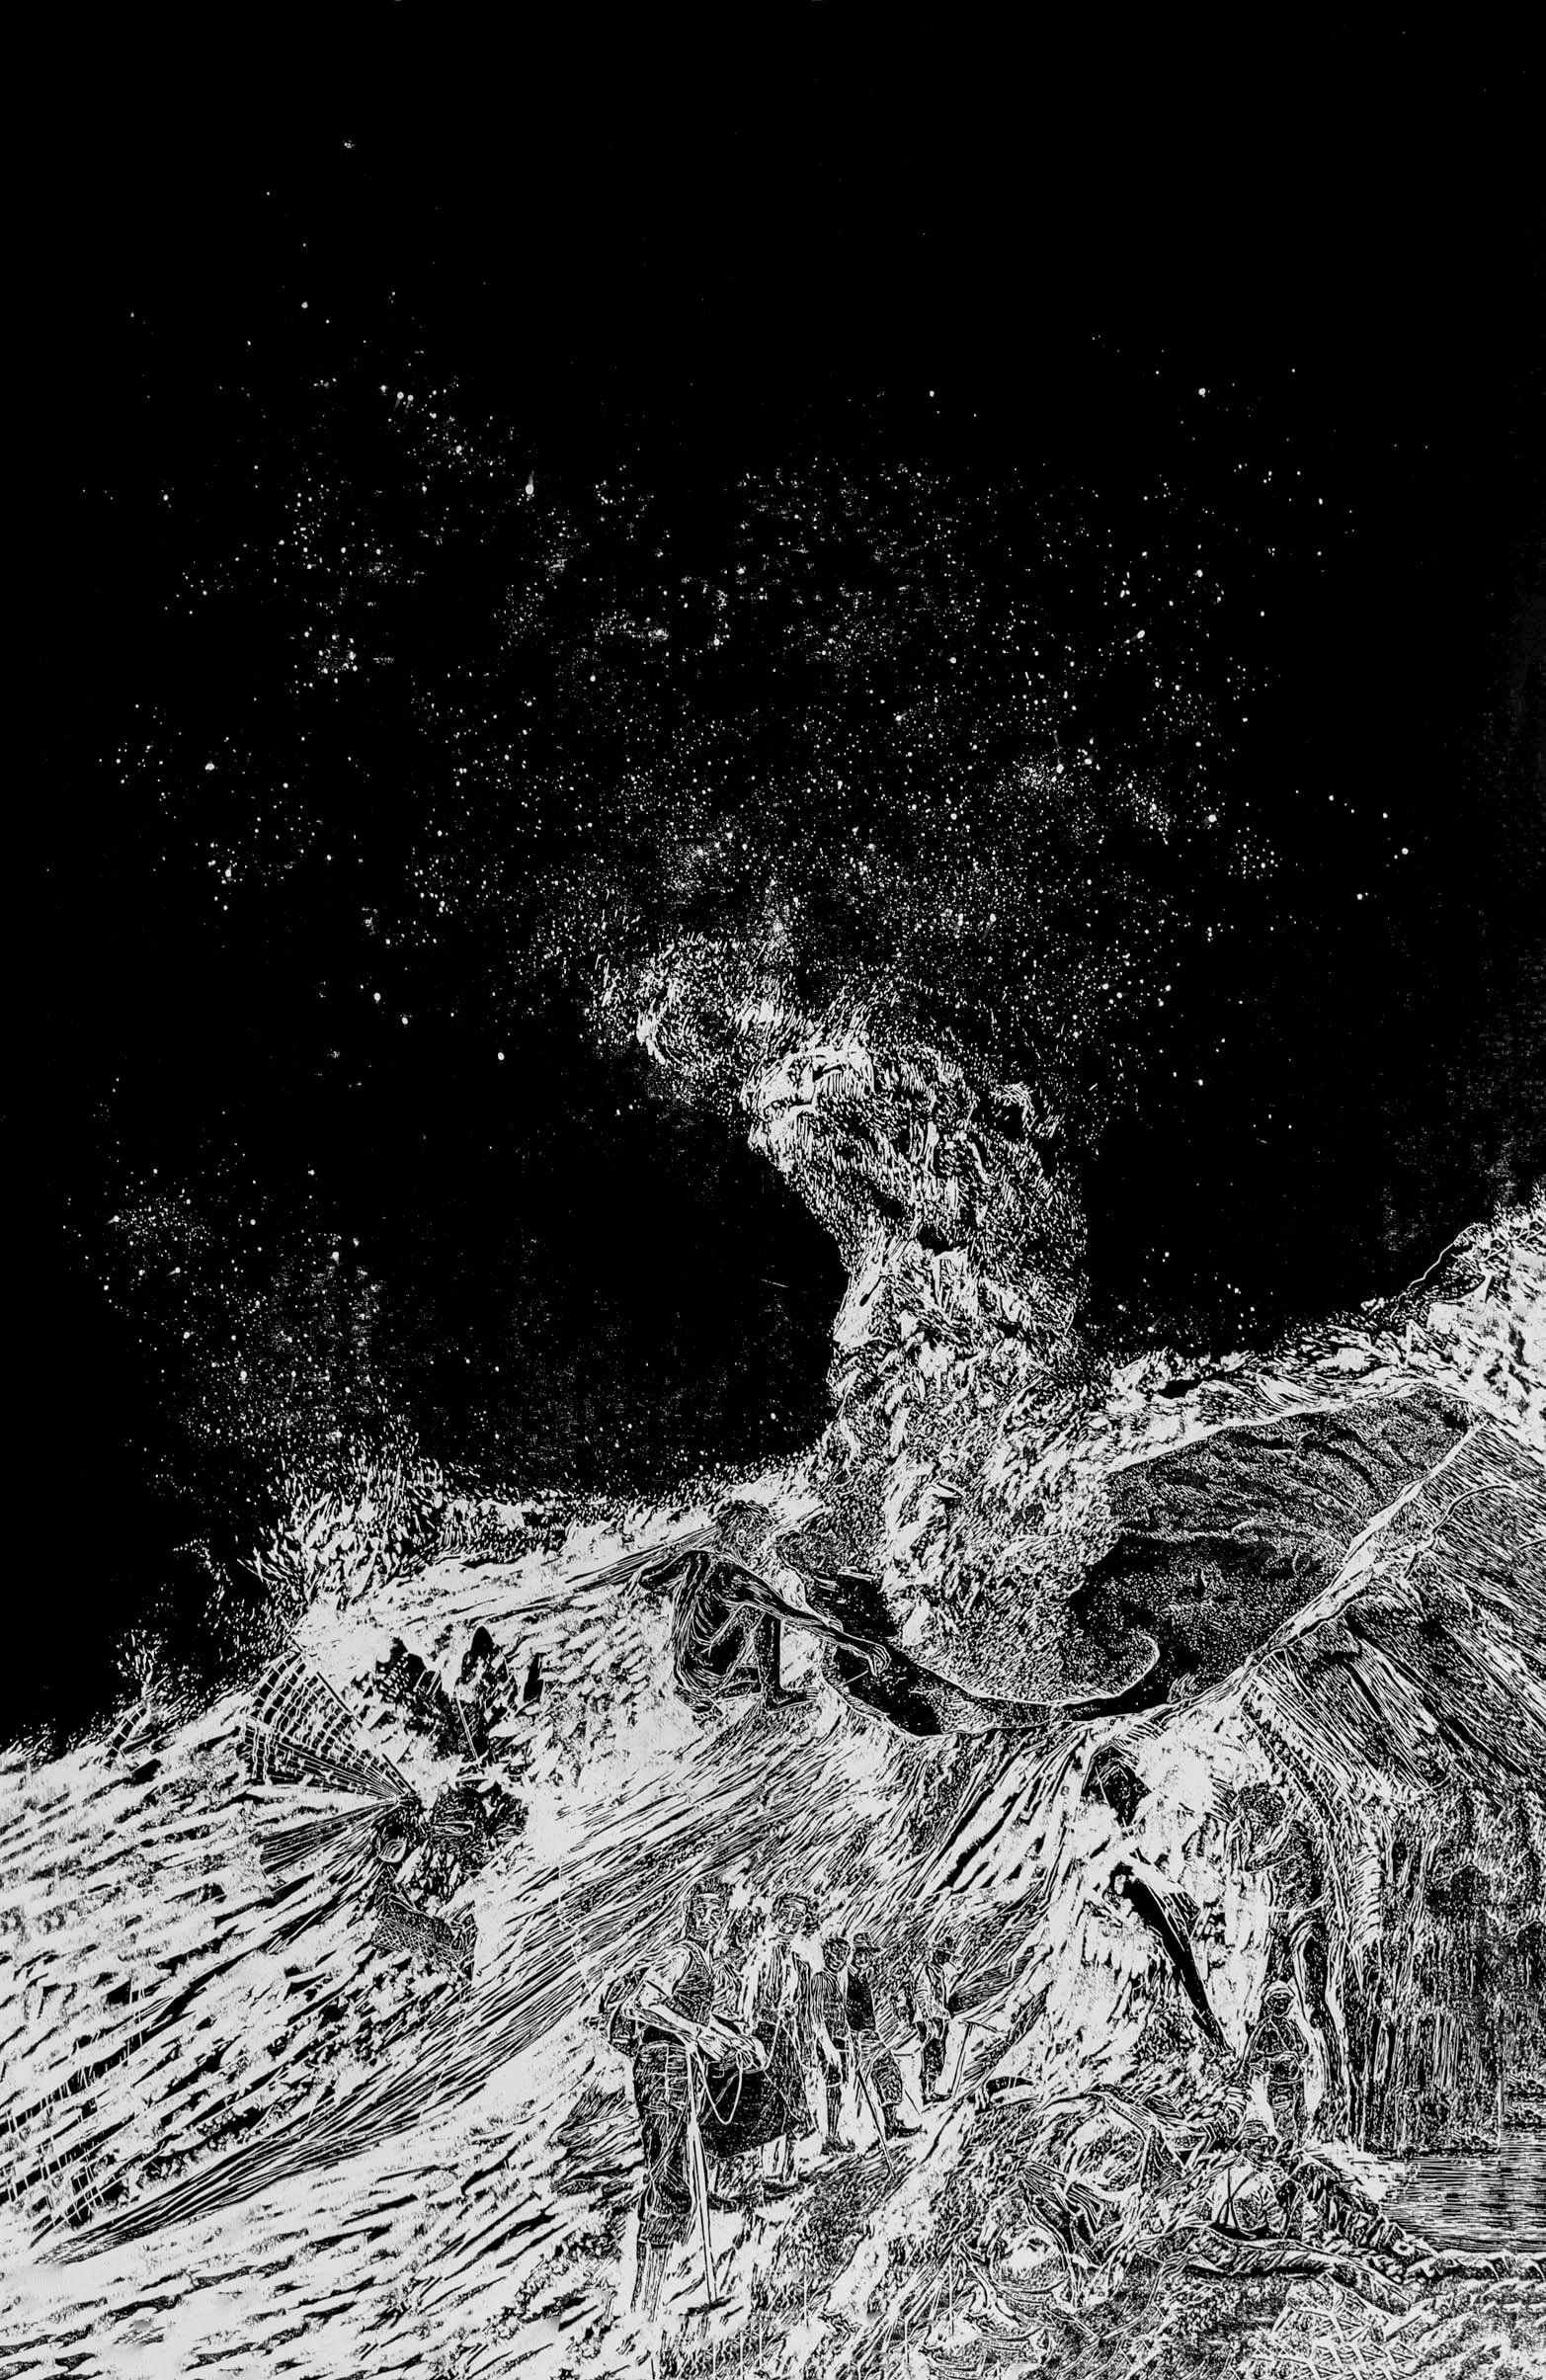 La montagne des rêves évanouis # 1, xylography, 79 x 122 cm